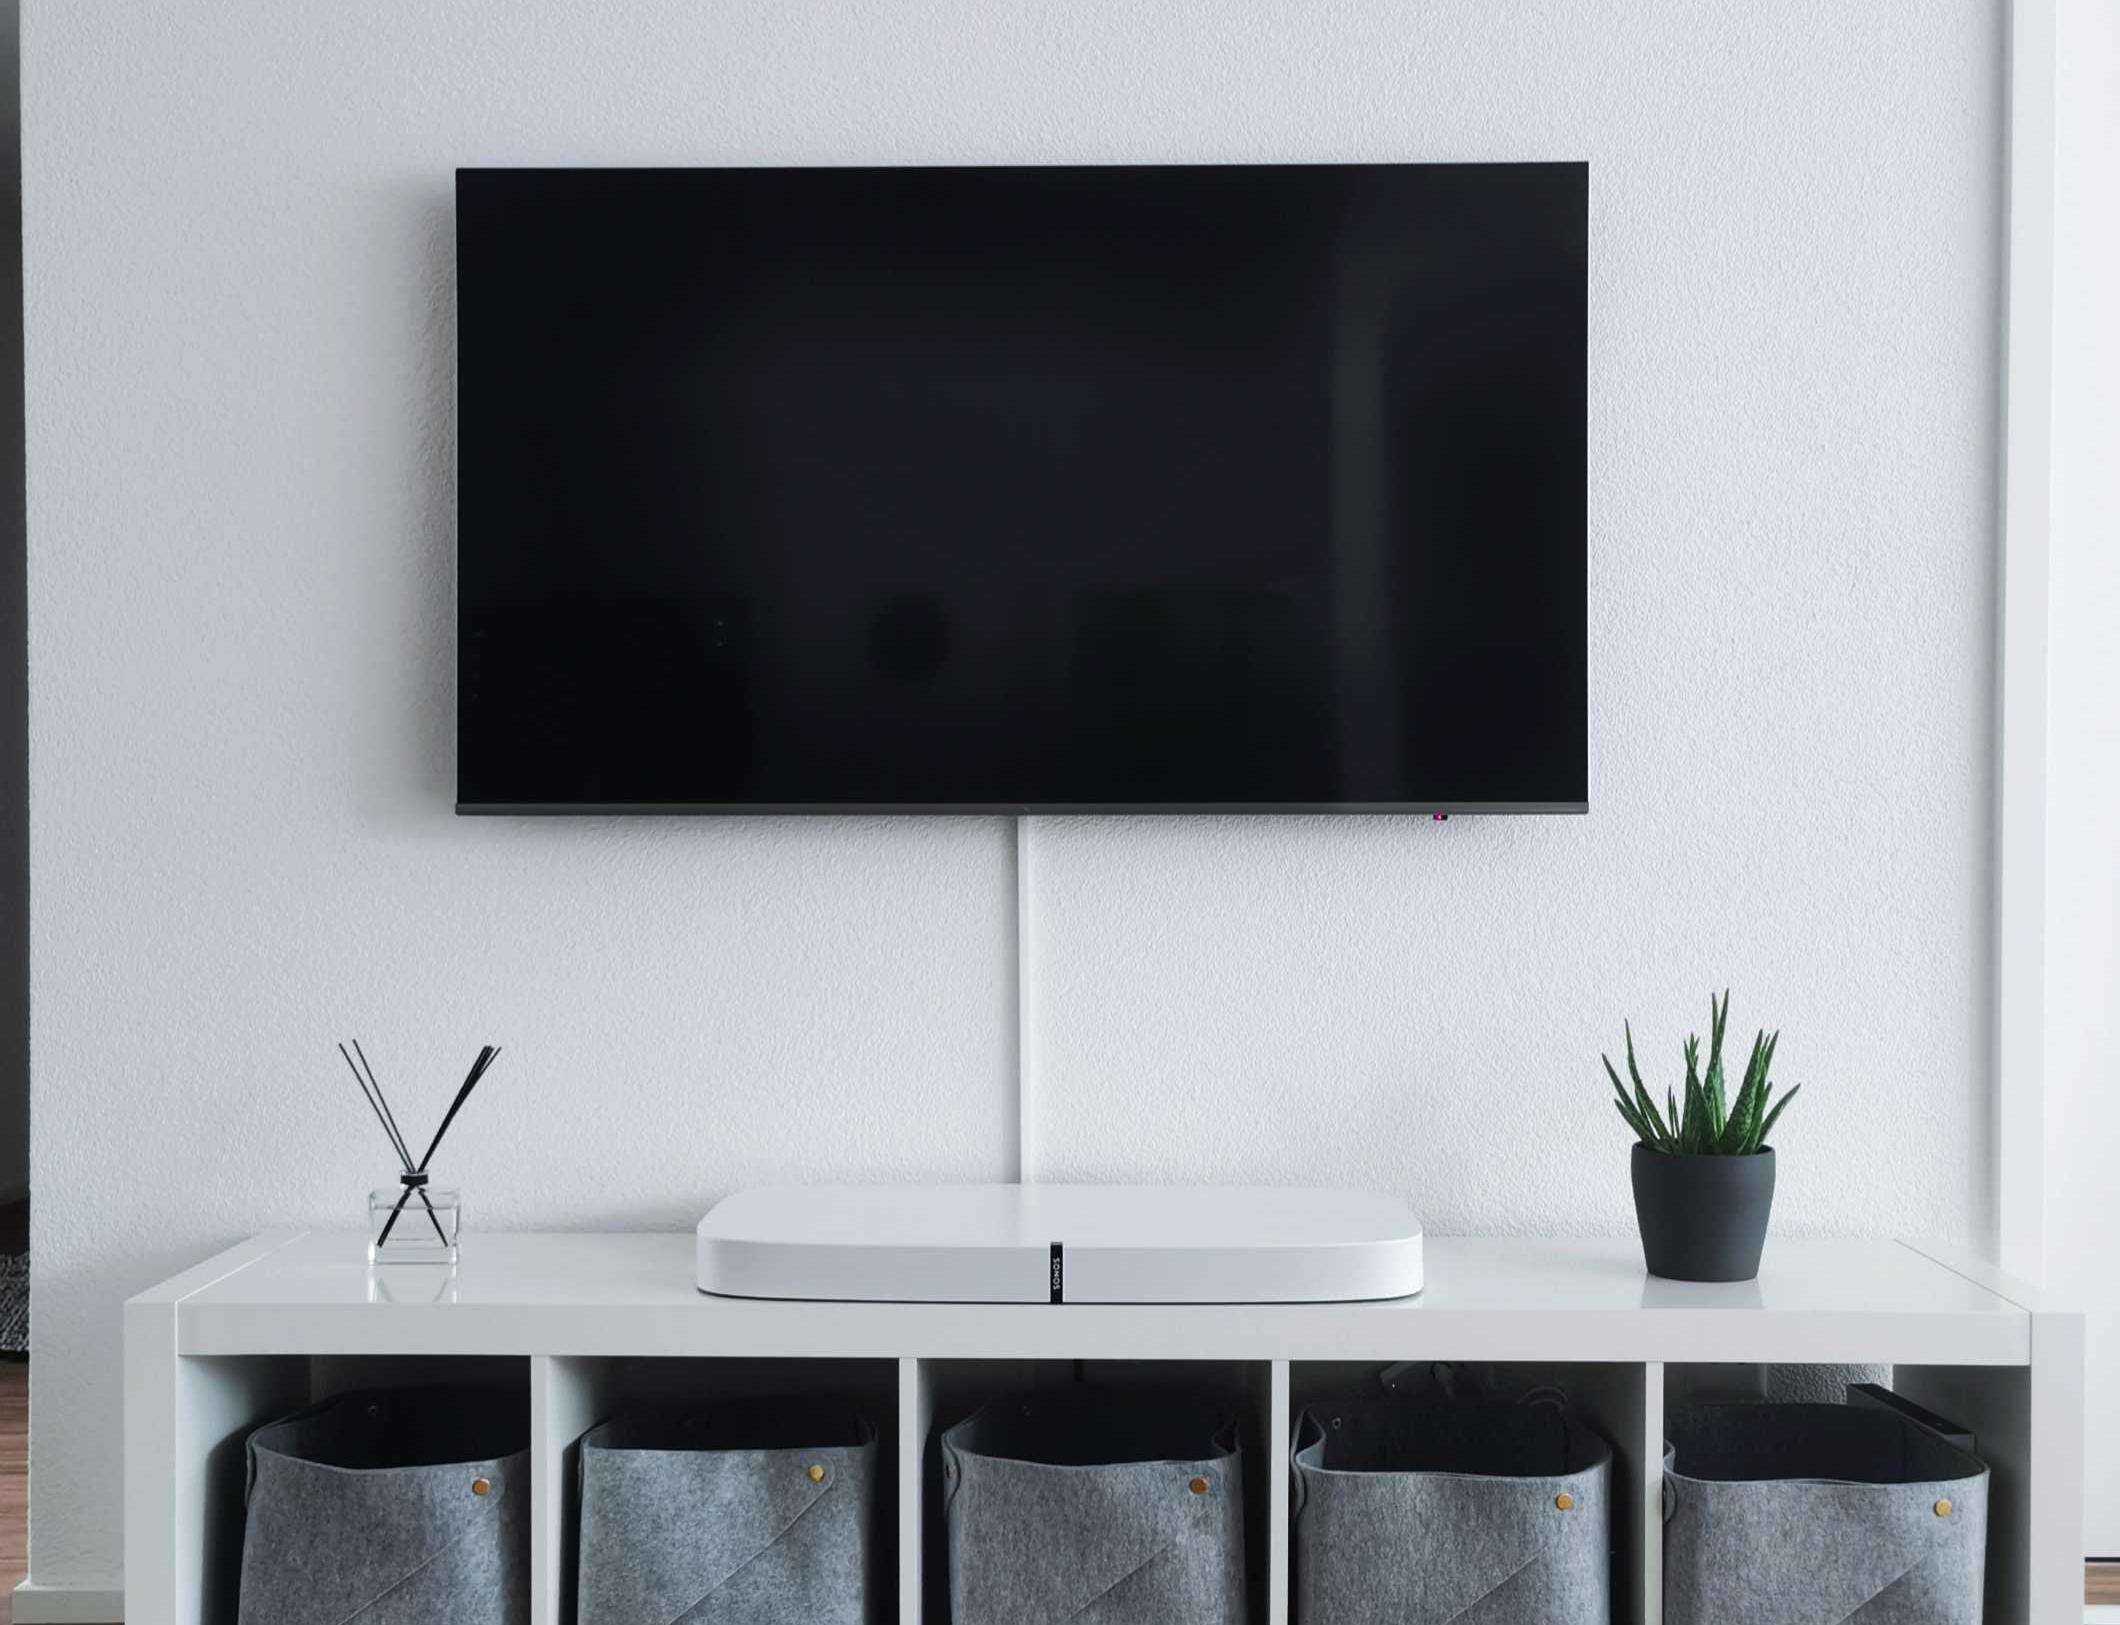 Sätta upp TV på väggen Steg för steg guide Taskrunner